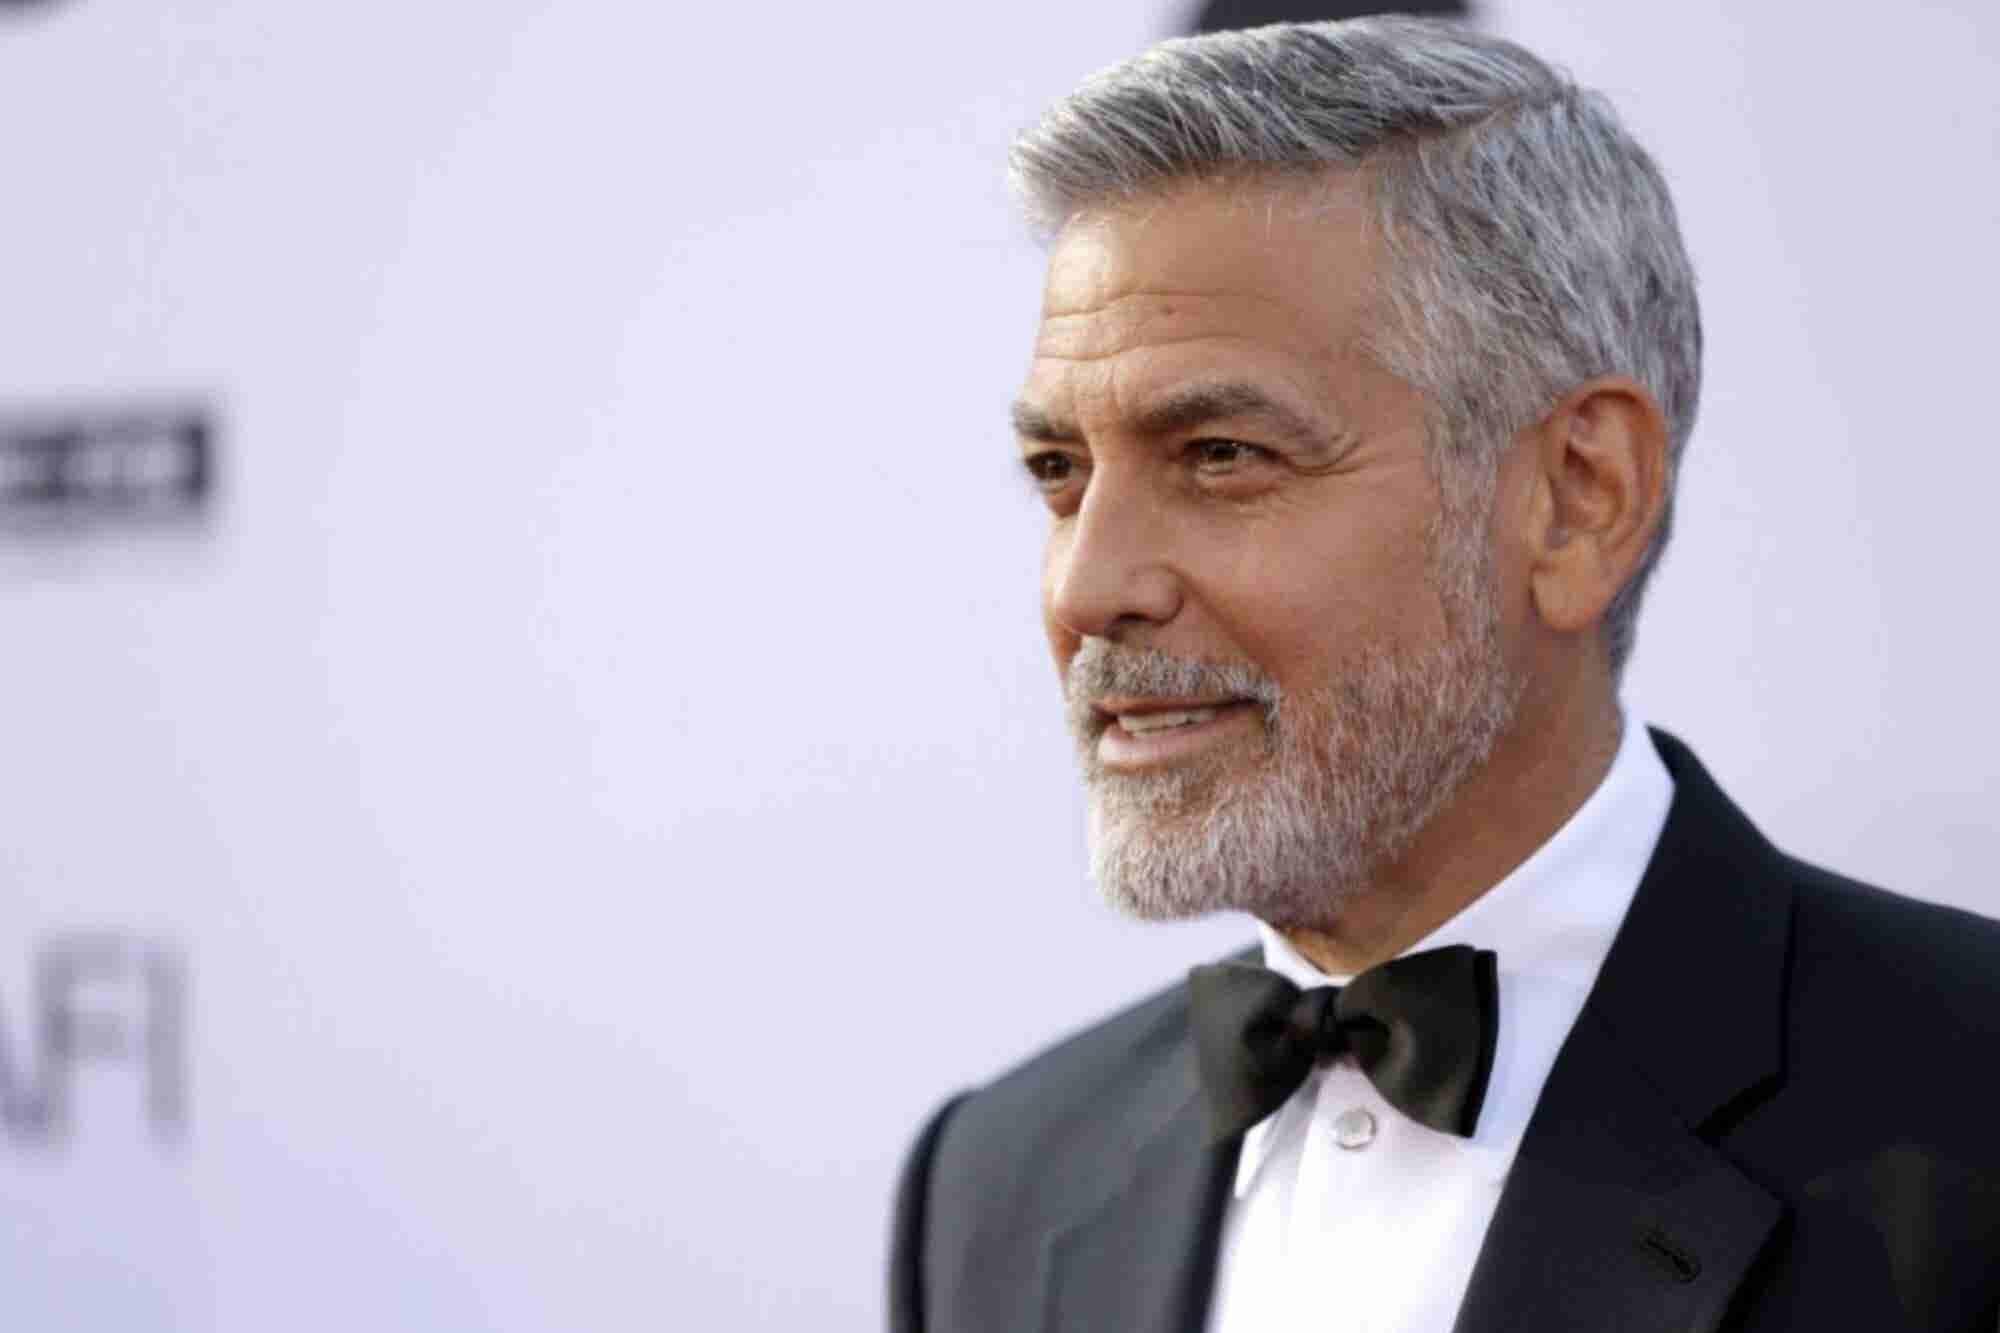 8 frases inspiradoras de George Clooney sobre liderazgo, fracaso y hum...